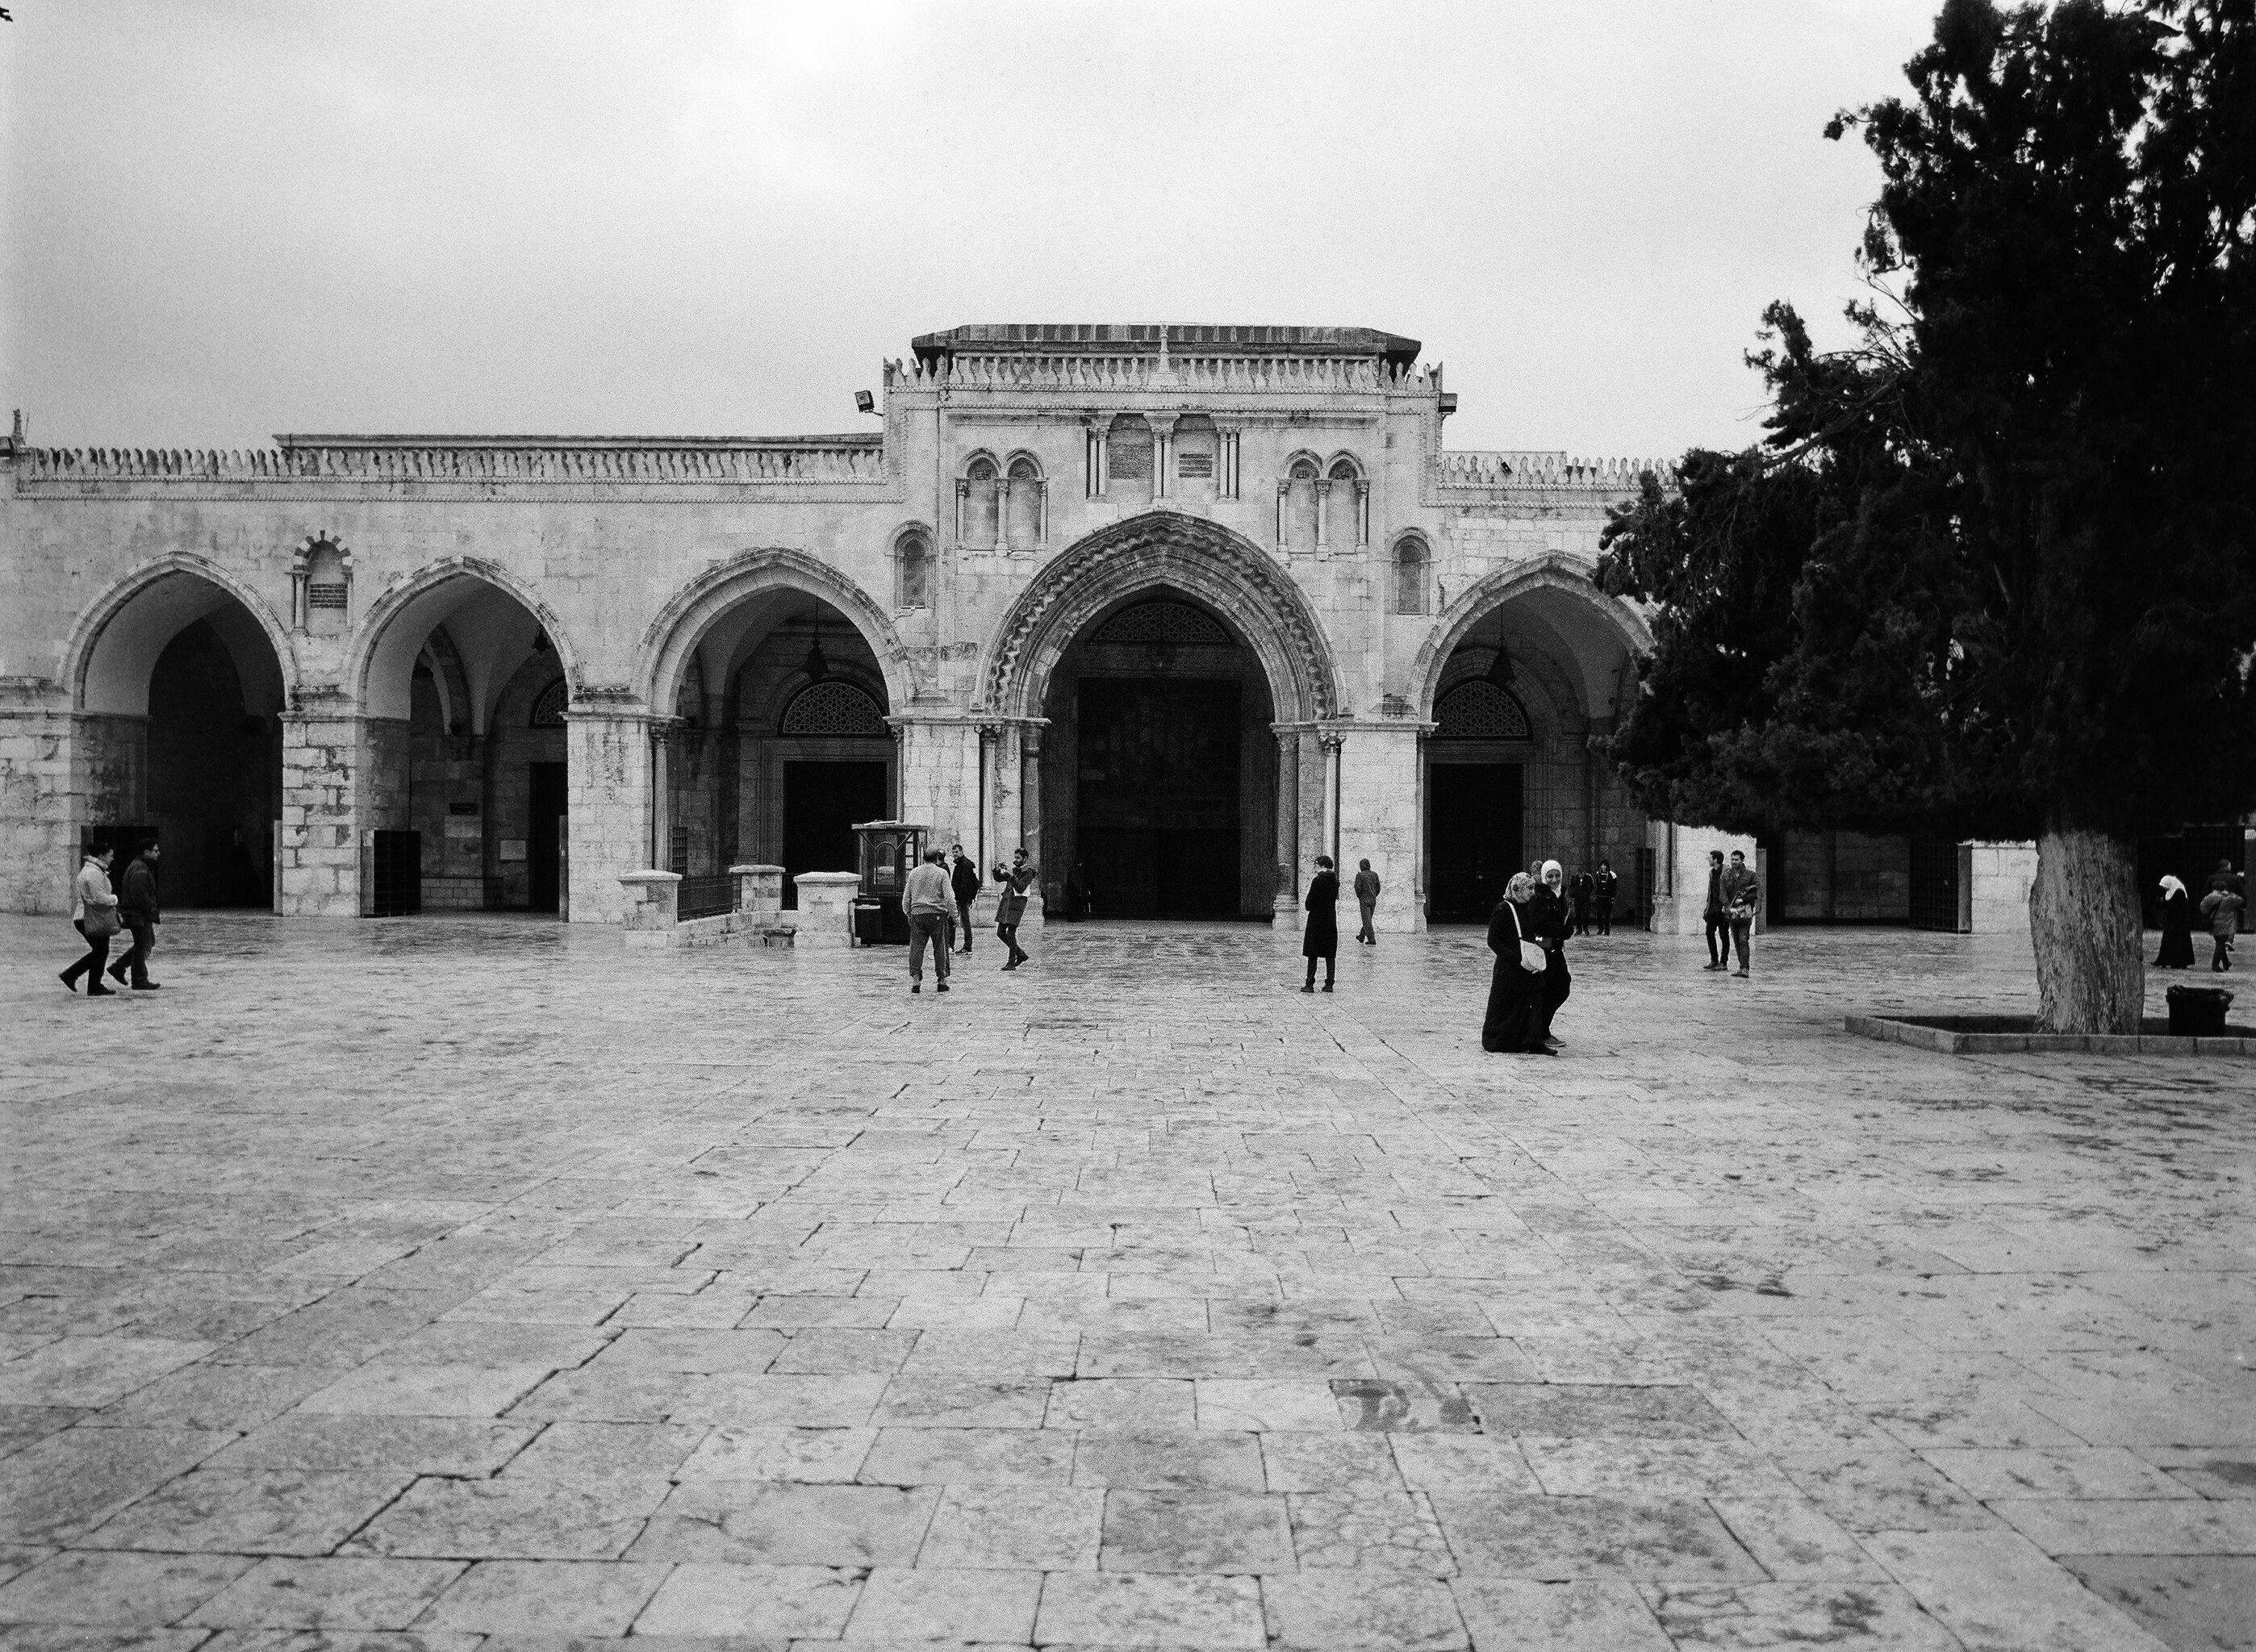 Northern facade of the Al-Aqsa mosque, Jerusalem, Israel.